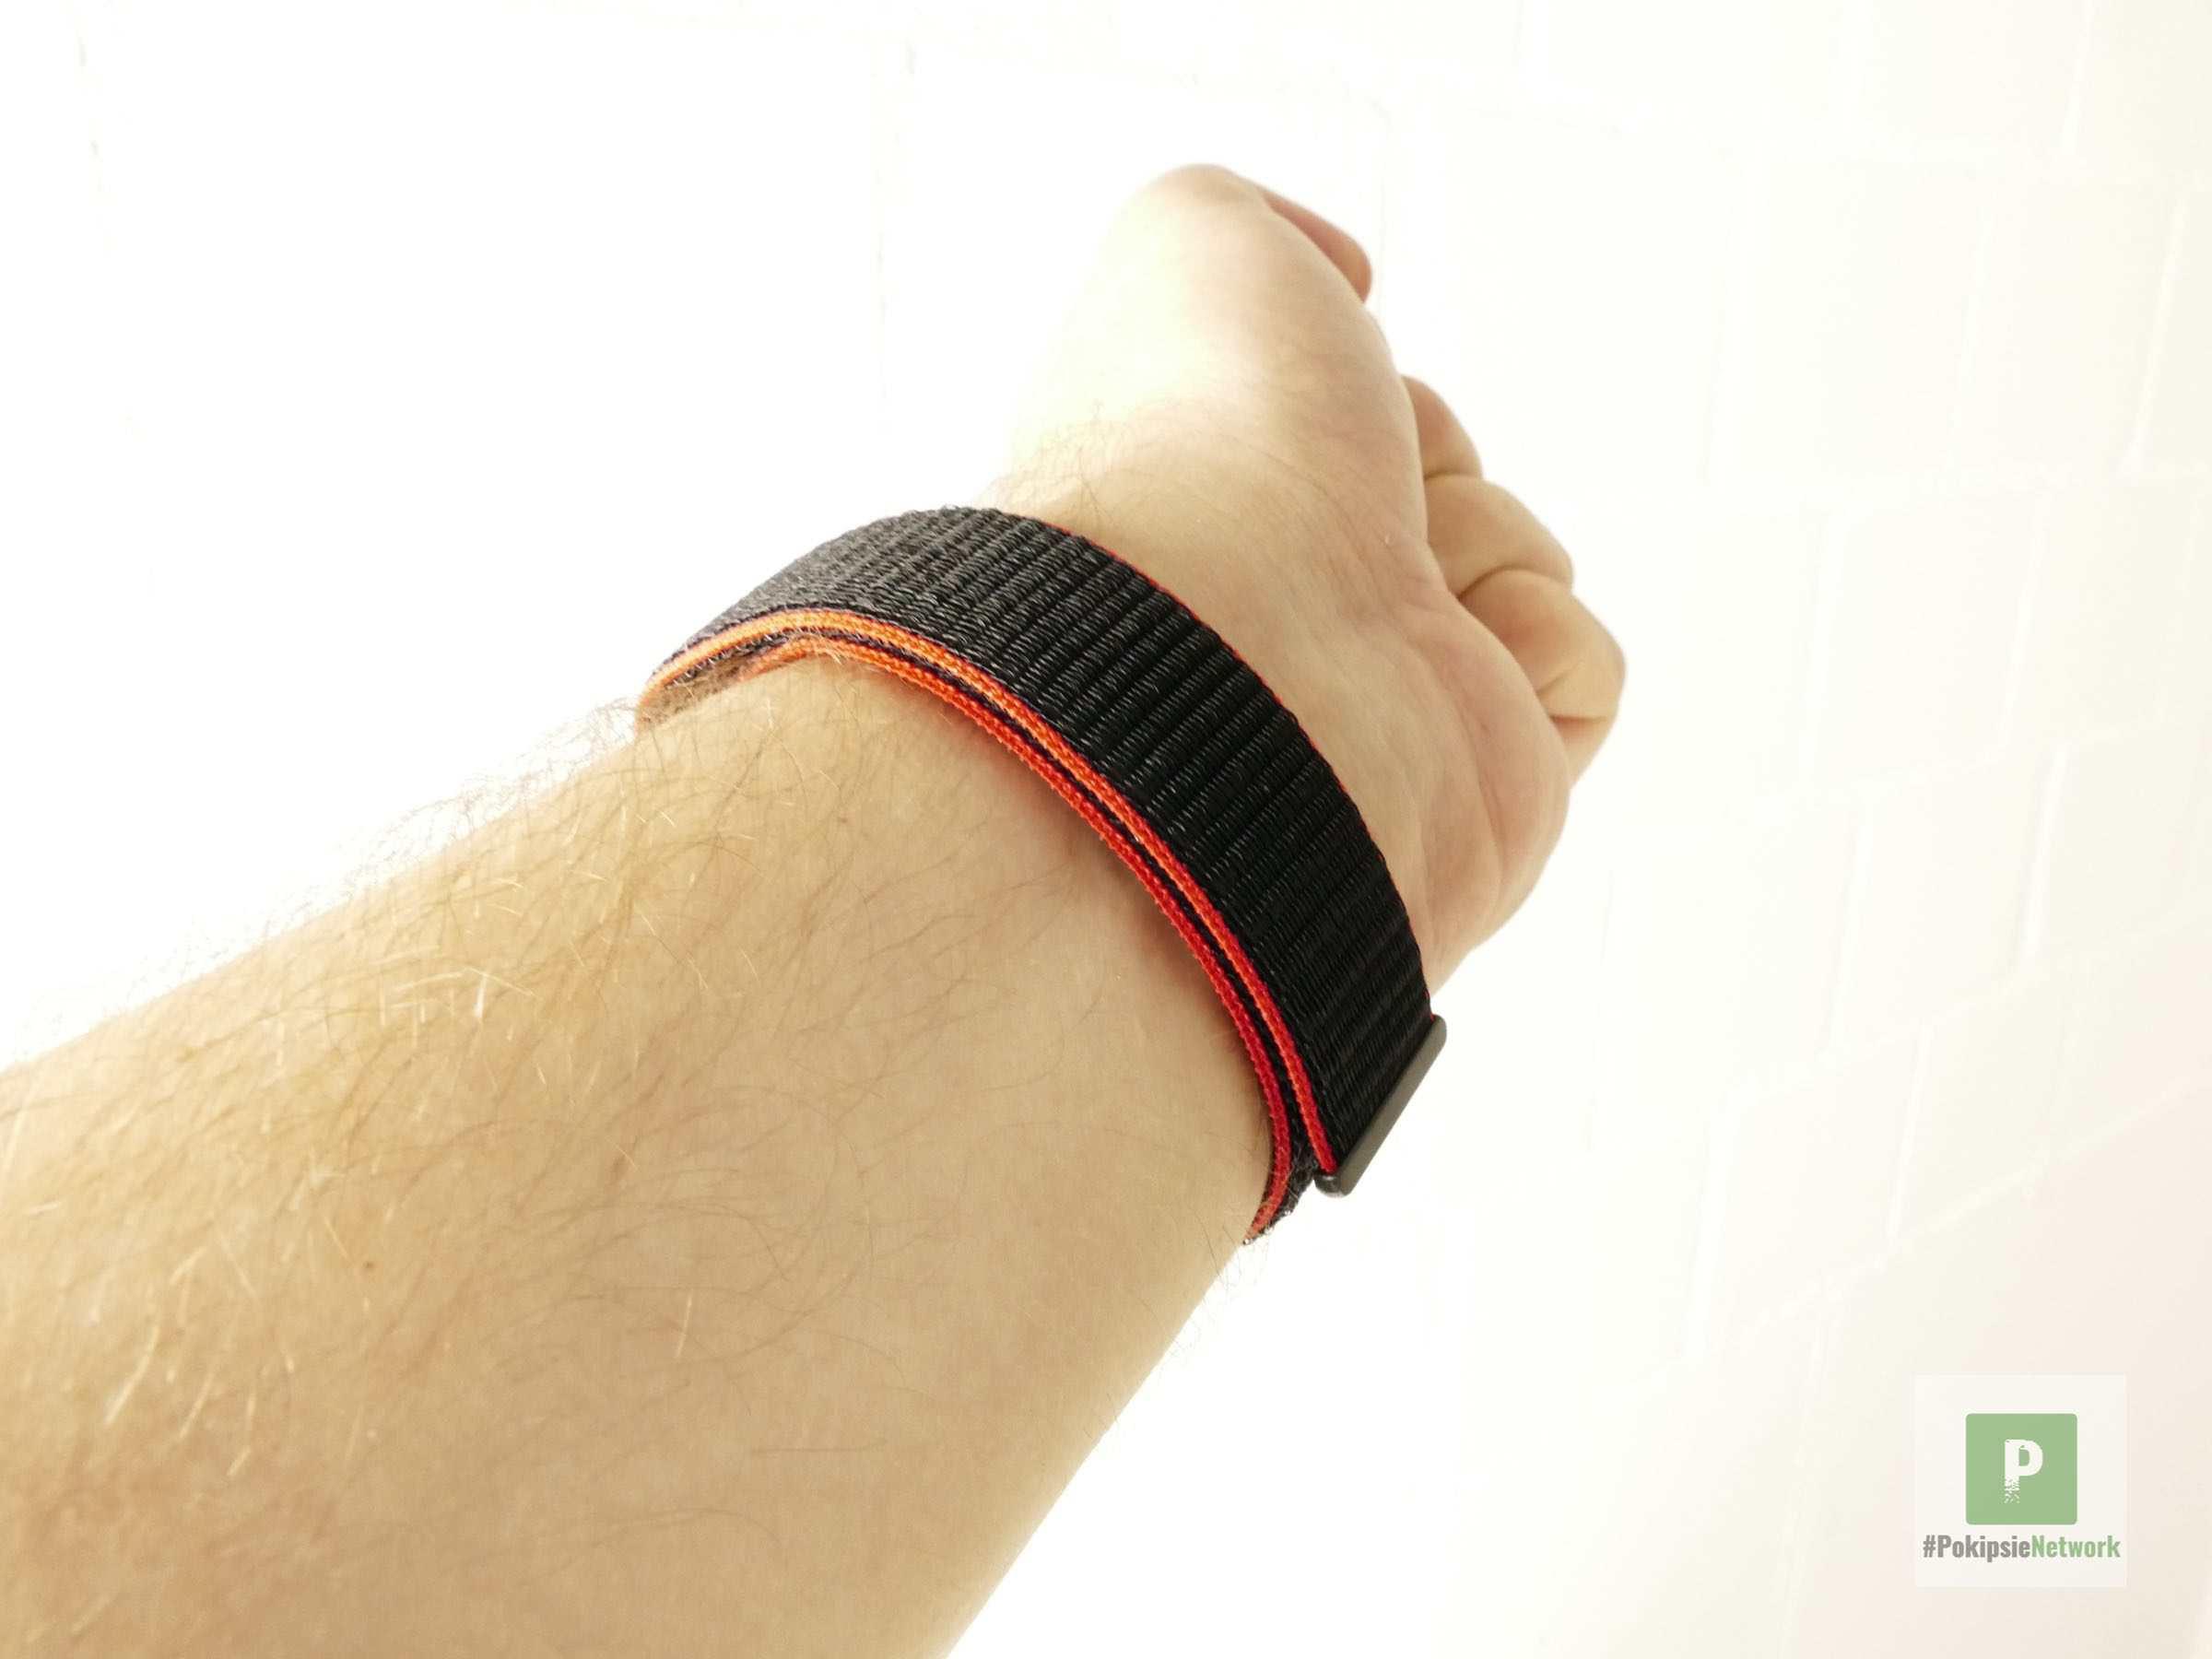 Die Unterseite des WATCHPOP Armbands